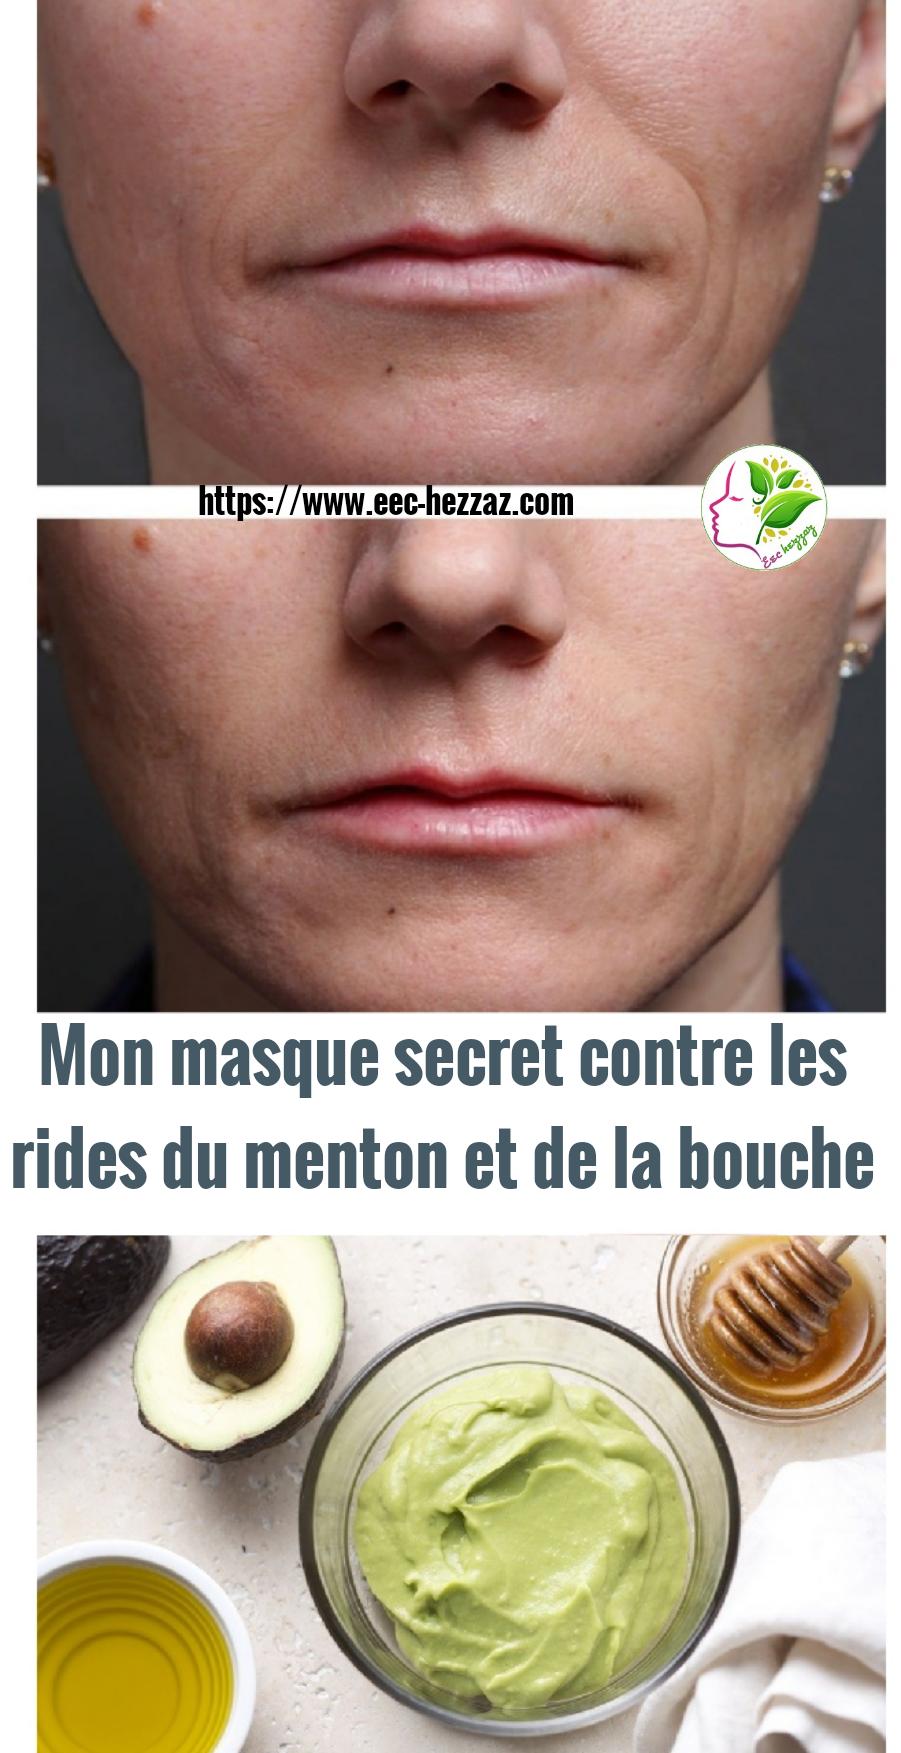 Mon masque secret contre les rides du menton et de la bouche